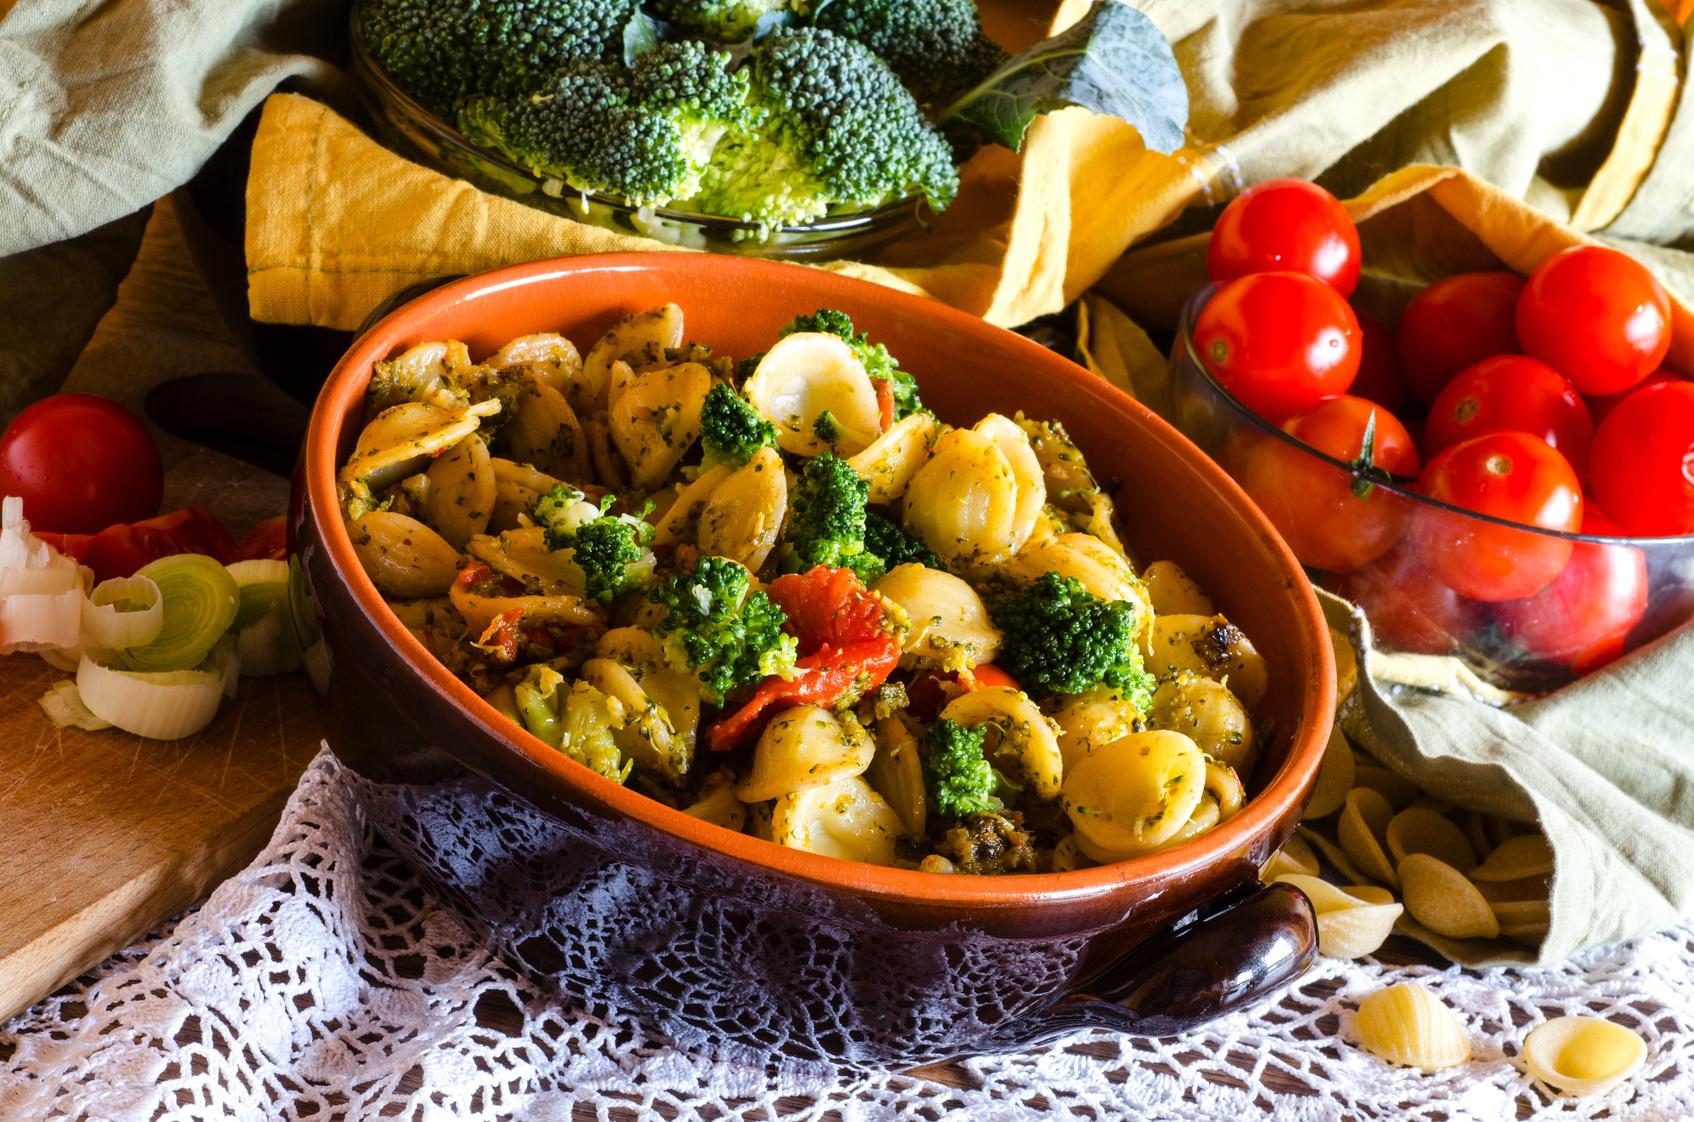 Italian pasta, orecchiette with broccoli, closeup